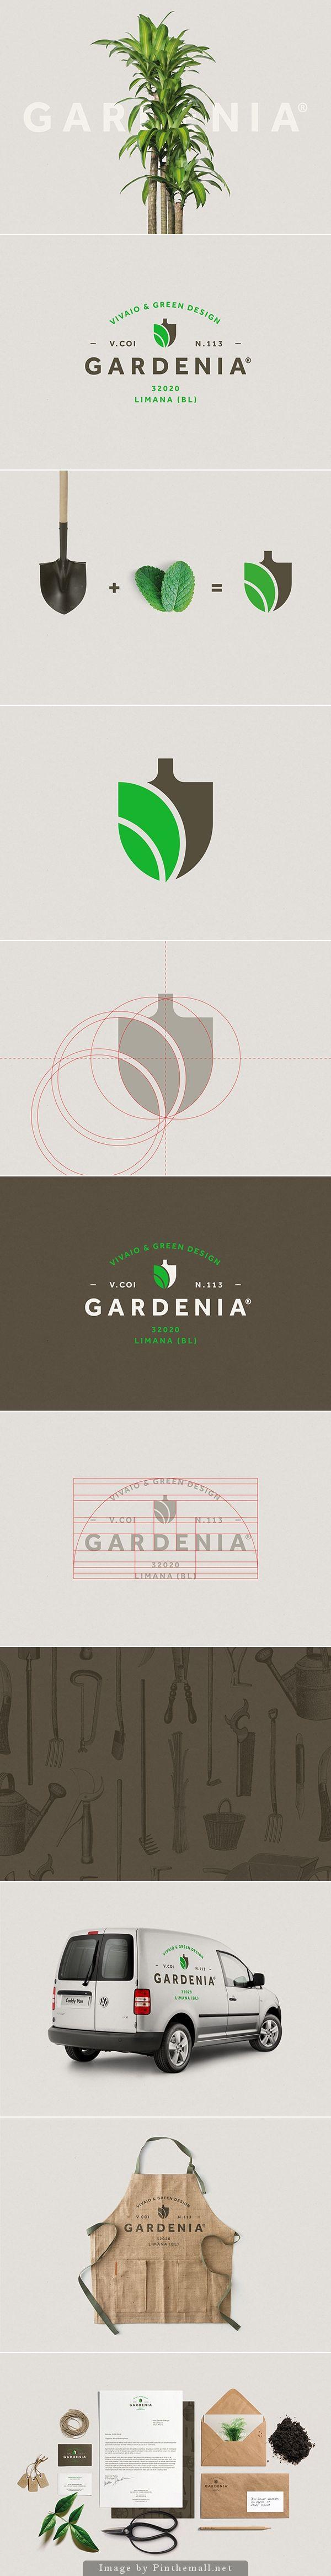 Gardenia identity by Luca Fontana // Creación de un logo simple que expresa fácilmente su propósi